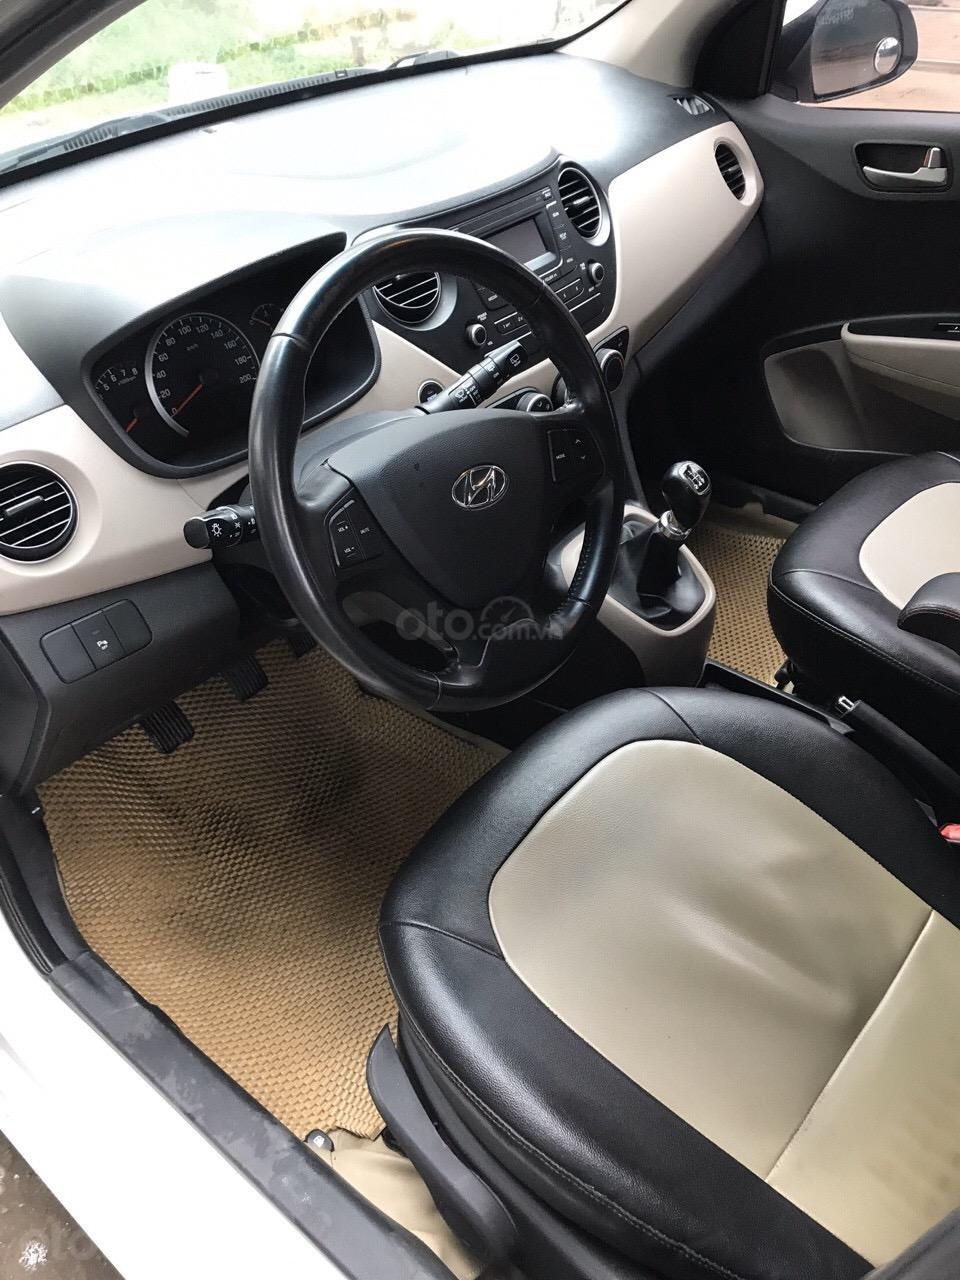 Bán xe Hyundai Grand i10 màu trắng, nhập khẩu nguyên chiếc chính hãng (3)